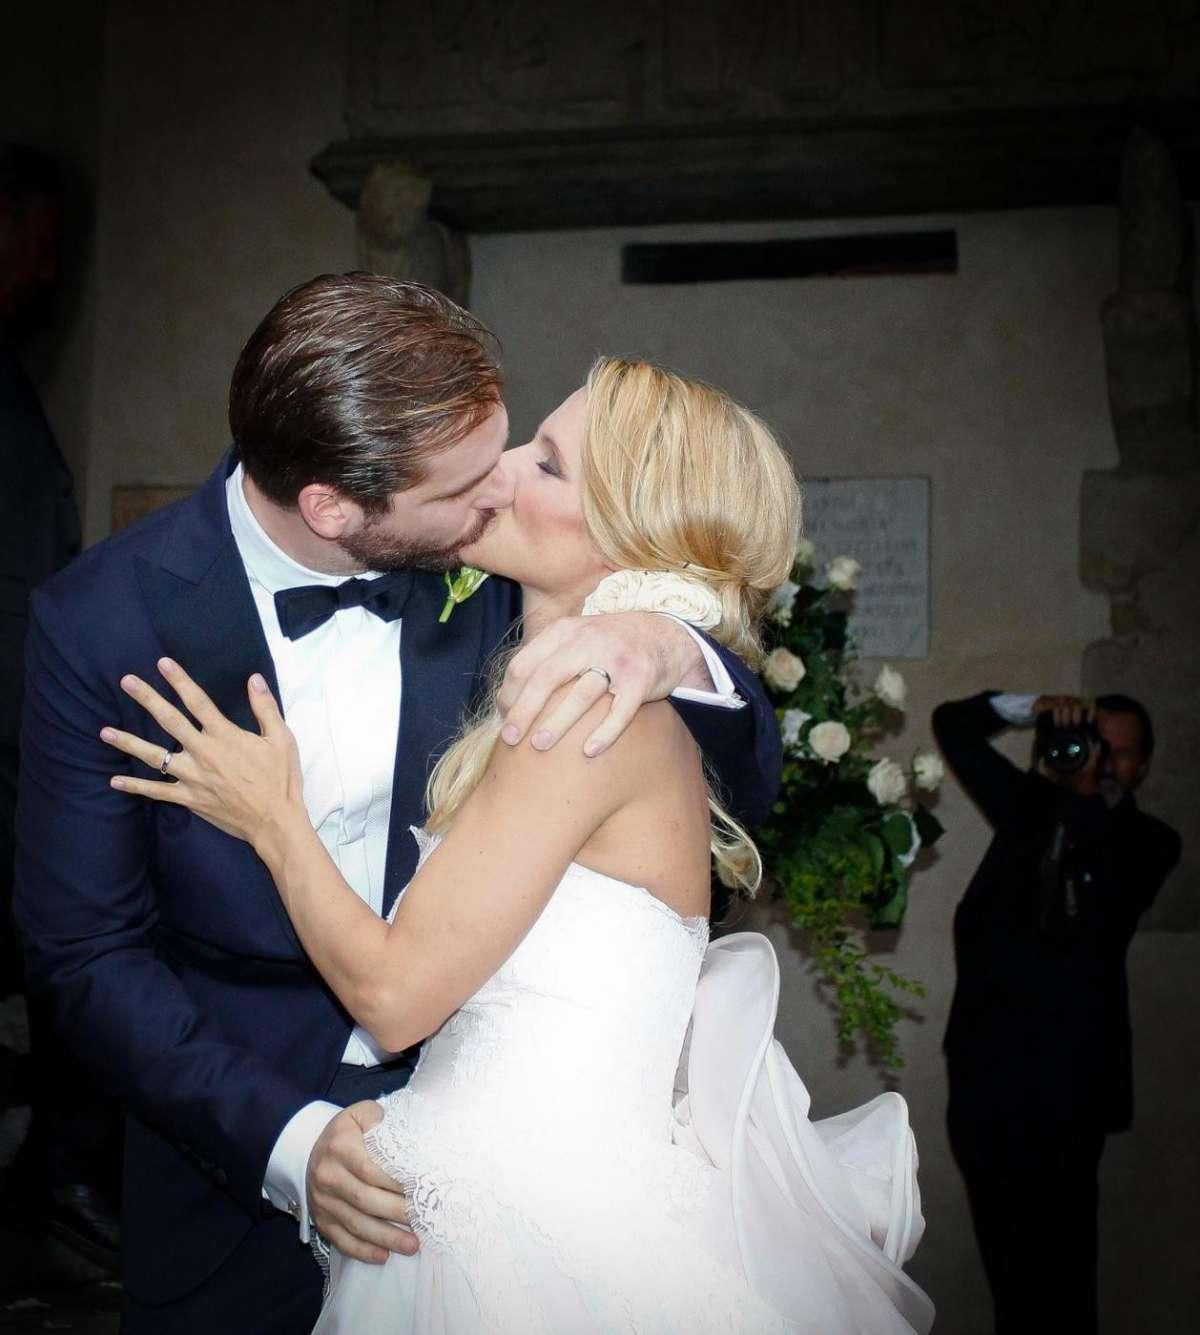 Michelle Hunziker e Tomaso Trussardi si baciano dopo il sì